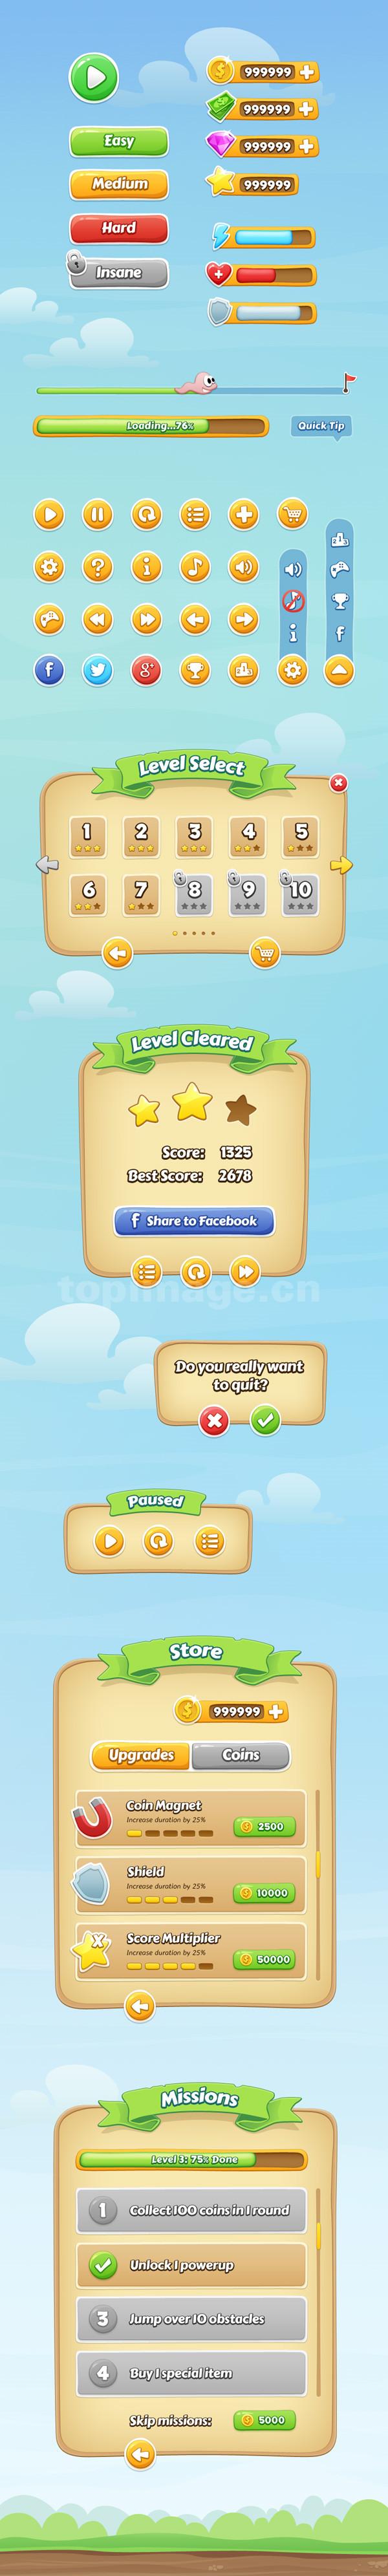 手机app游戏界面_icon_ 按钮_控件_界面_游戏字体_psd源文件下载